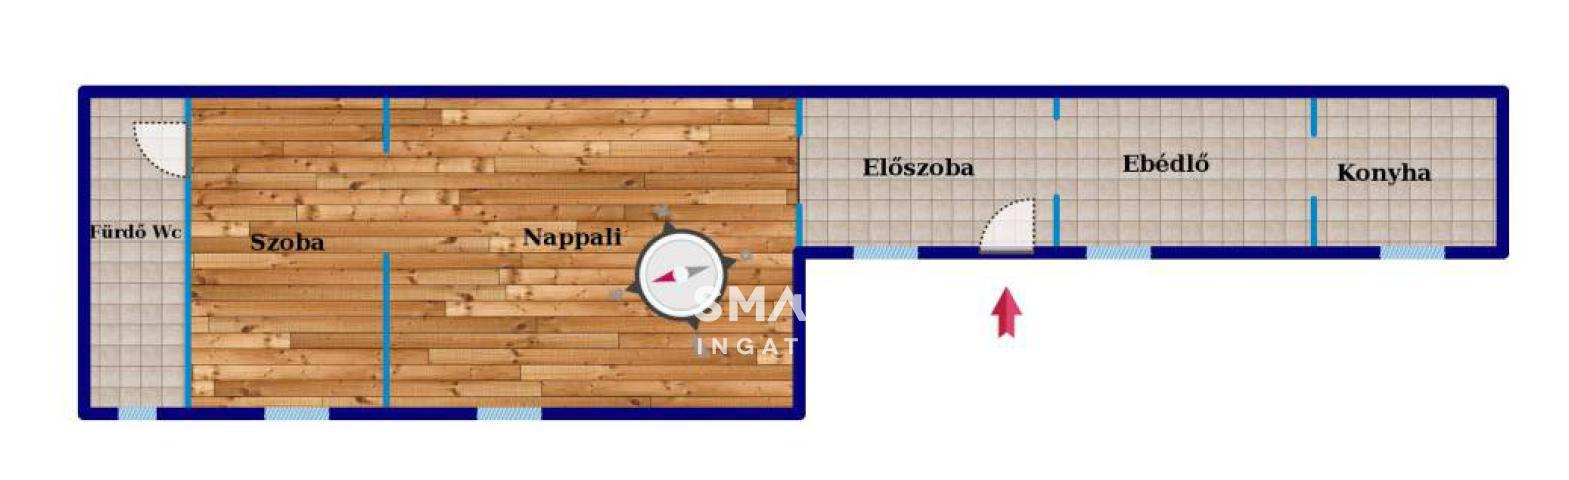 Eladó Ház, Bács-Kiskun megye, Kecskemét, Szultán utca